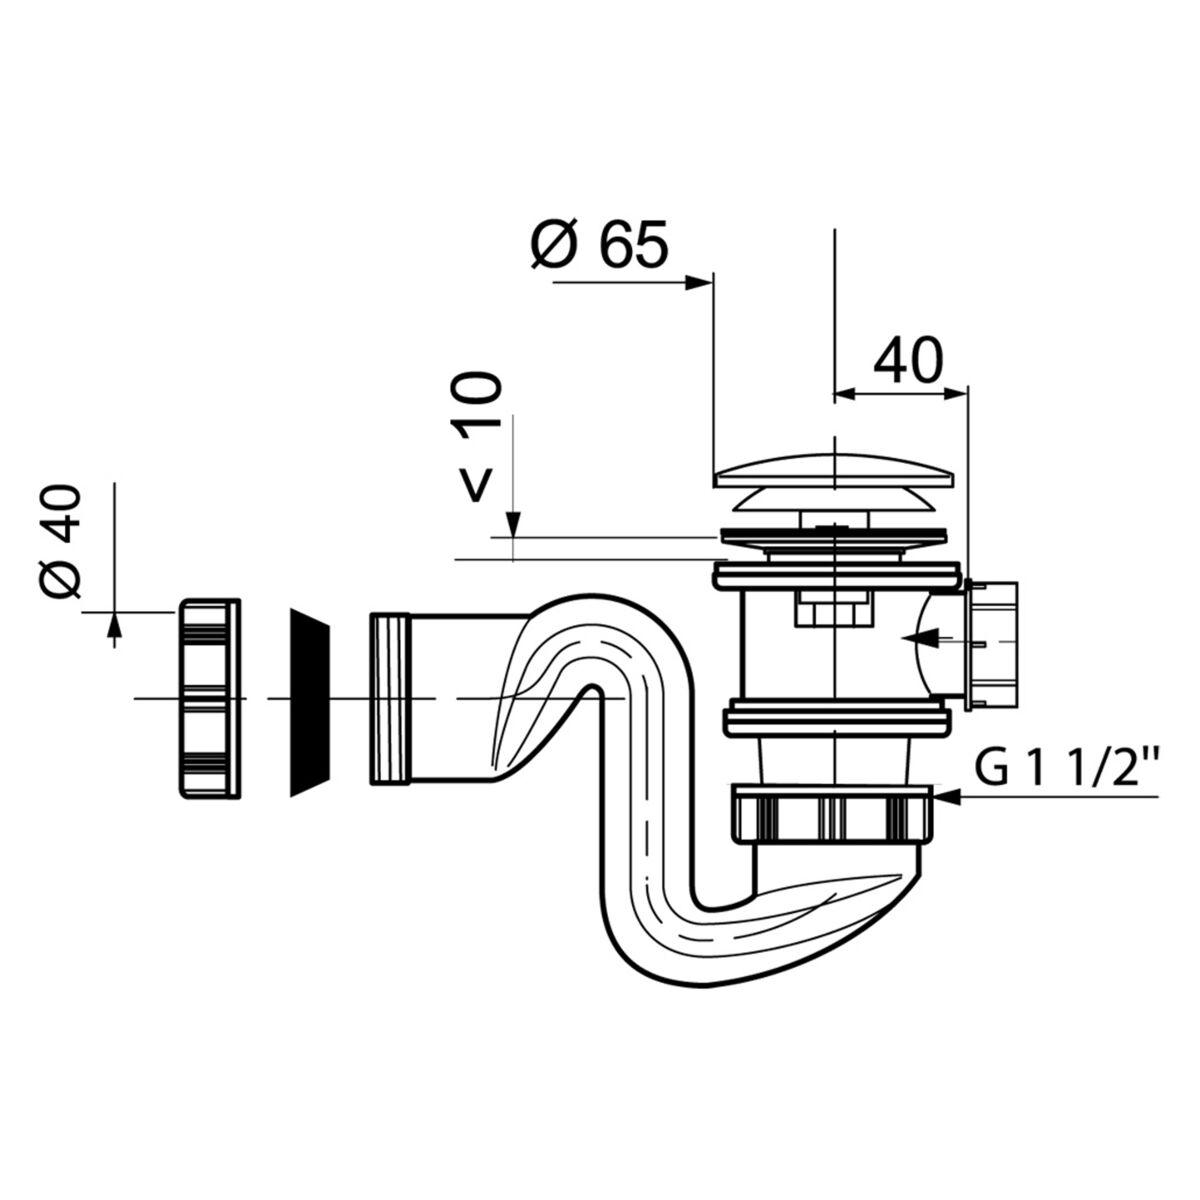 Syfon Brodzikowy 50 Mm Click Clack Wirquin Syfony W Atrakcyjnej Cenie W Sklepach Leroy Merlin